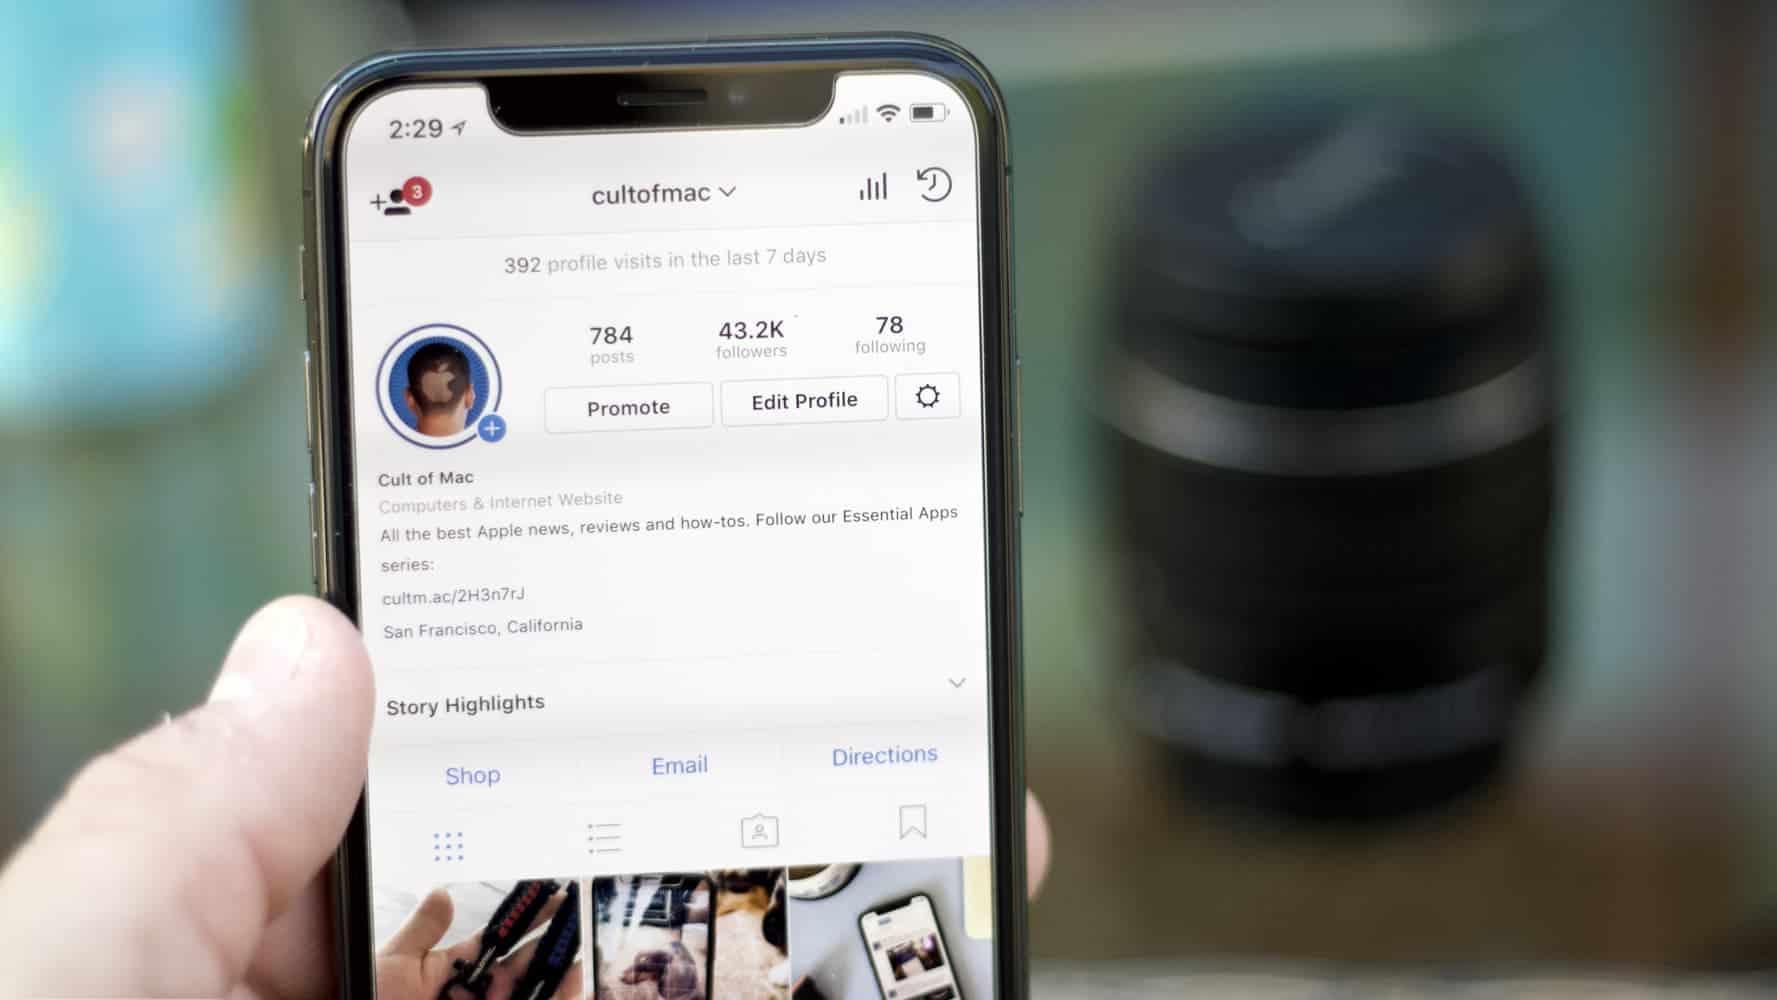 Cult of Mac Instagram profile